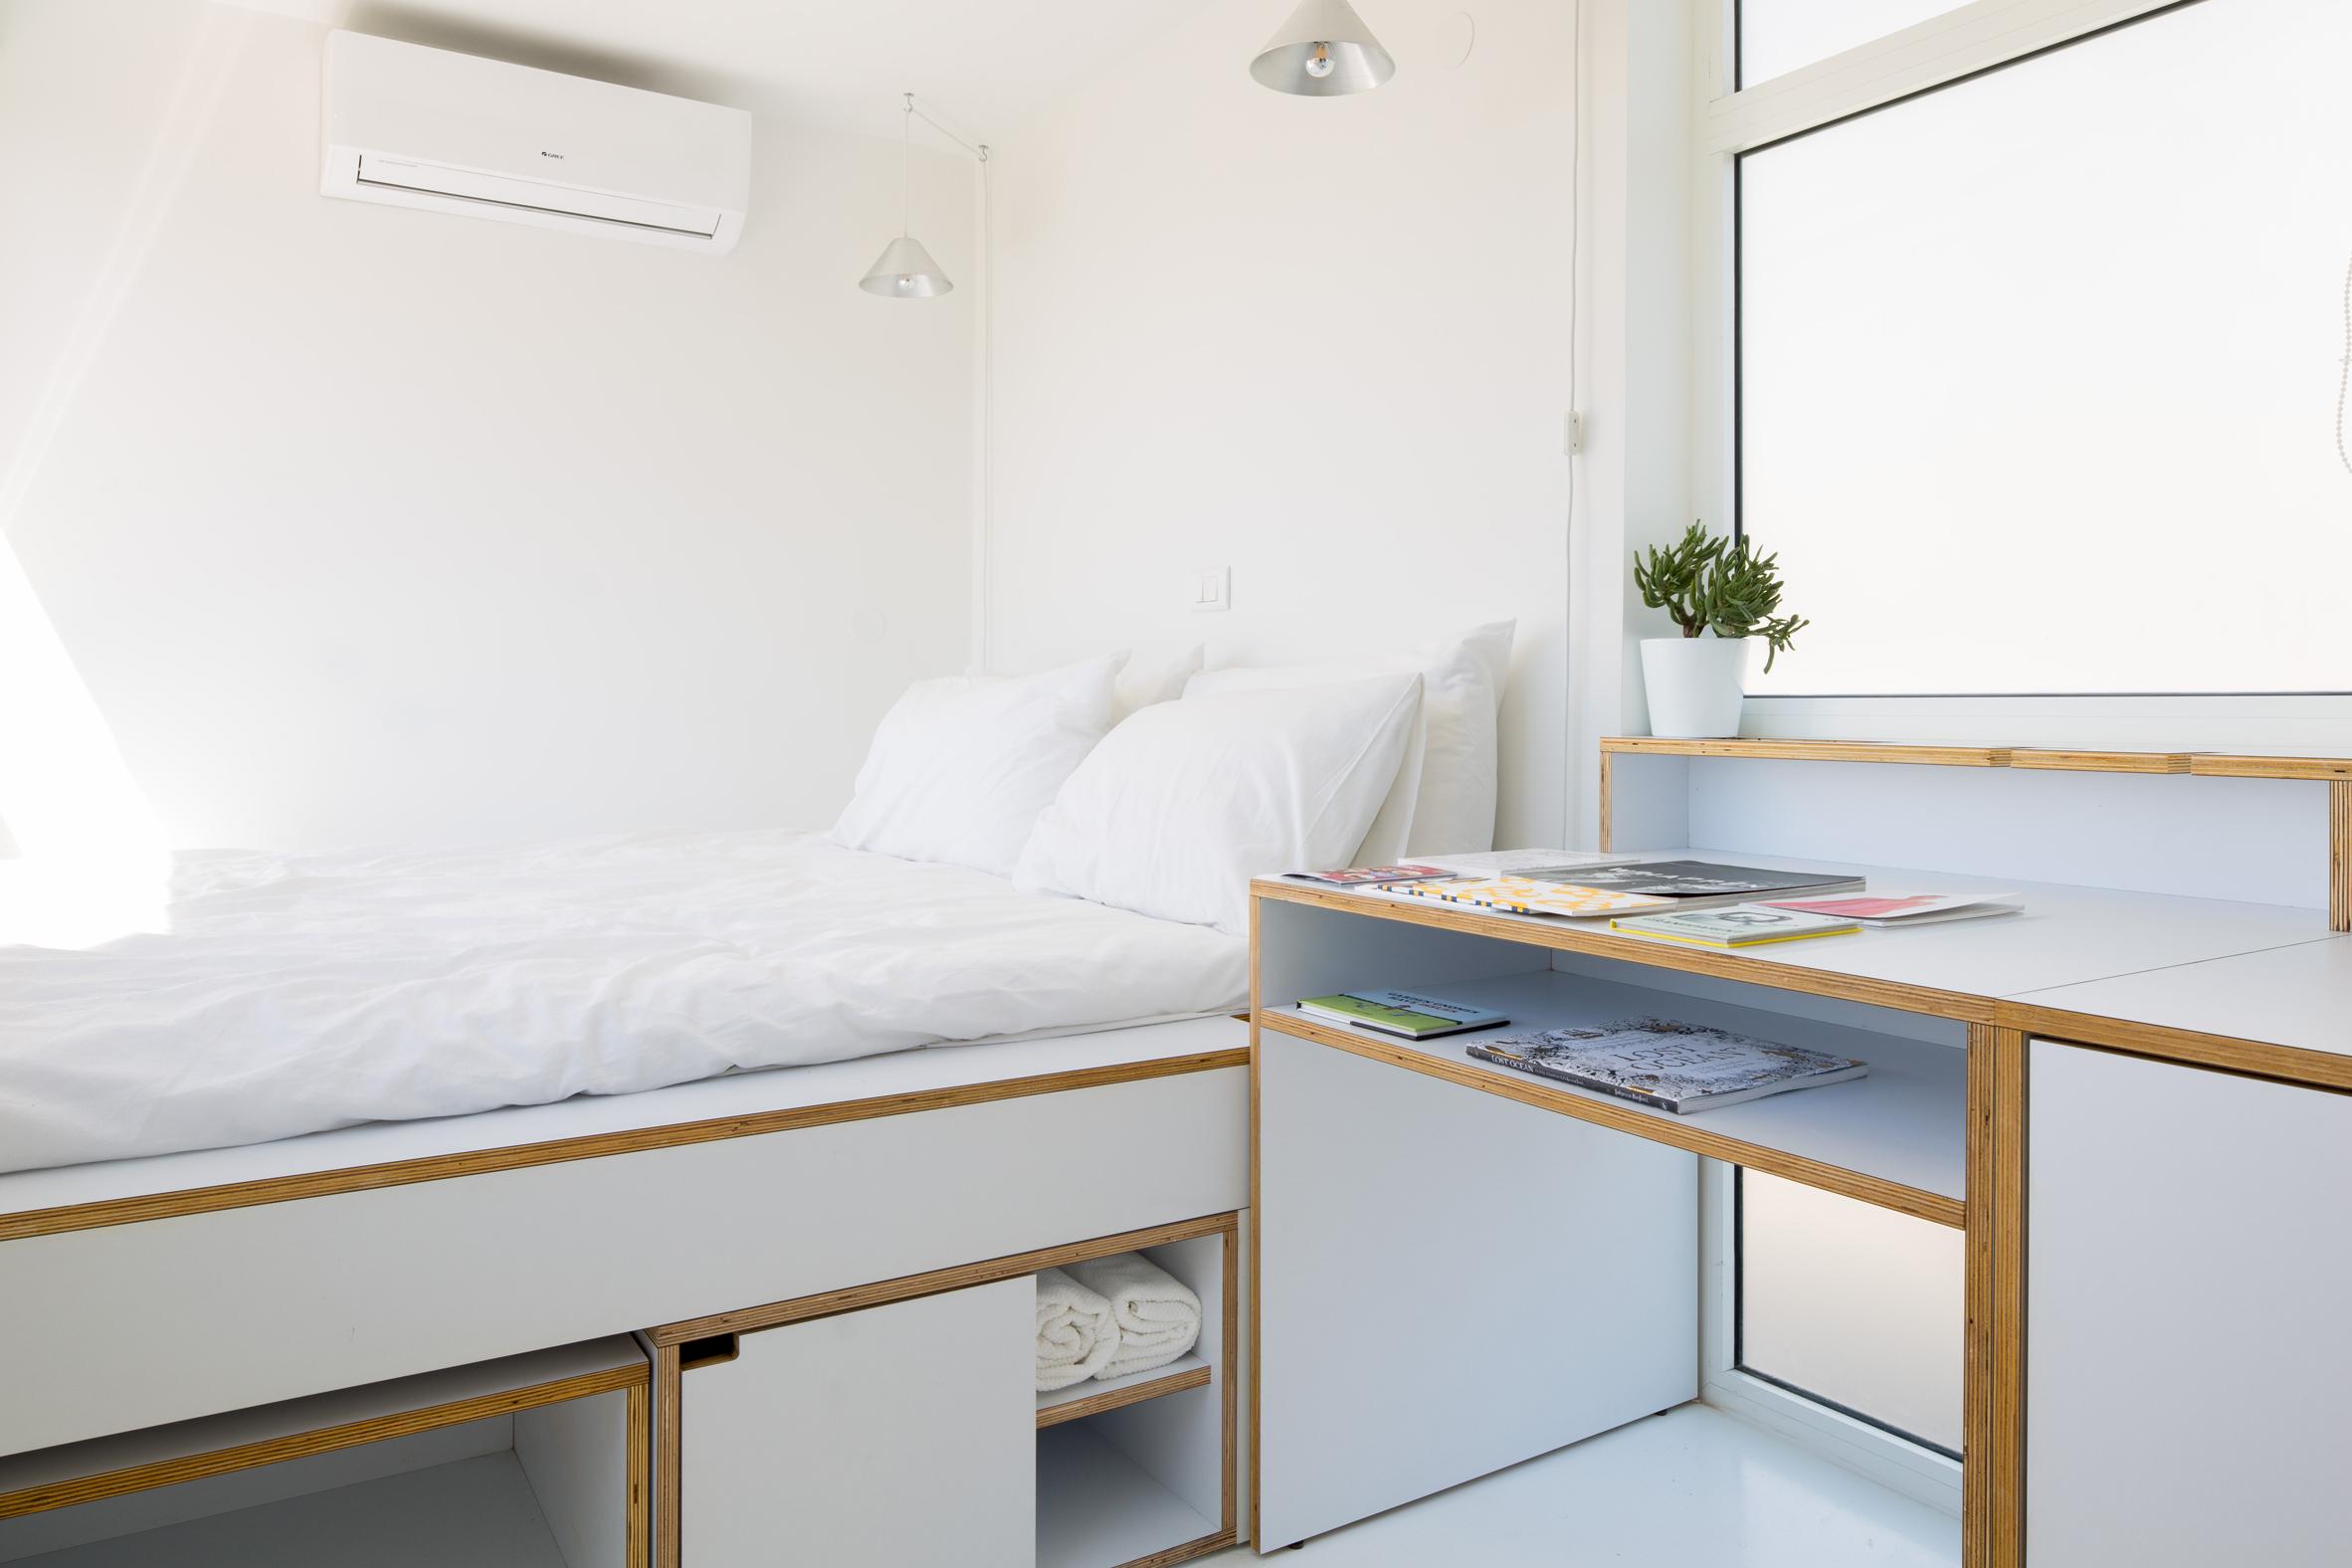 Thiết kế nội thất nhà chung cư 30m2 3